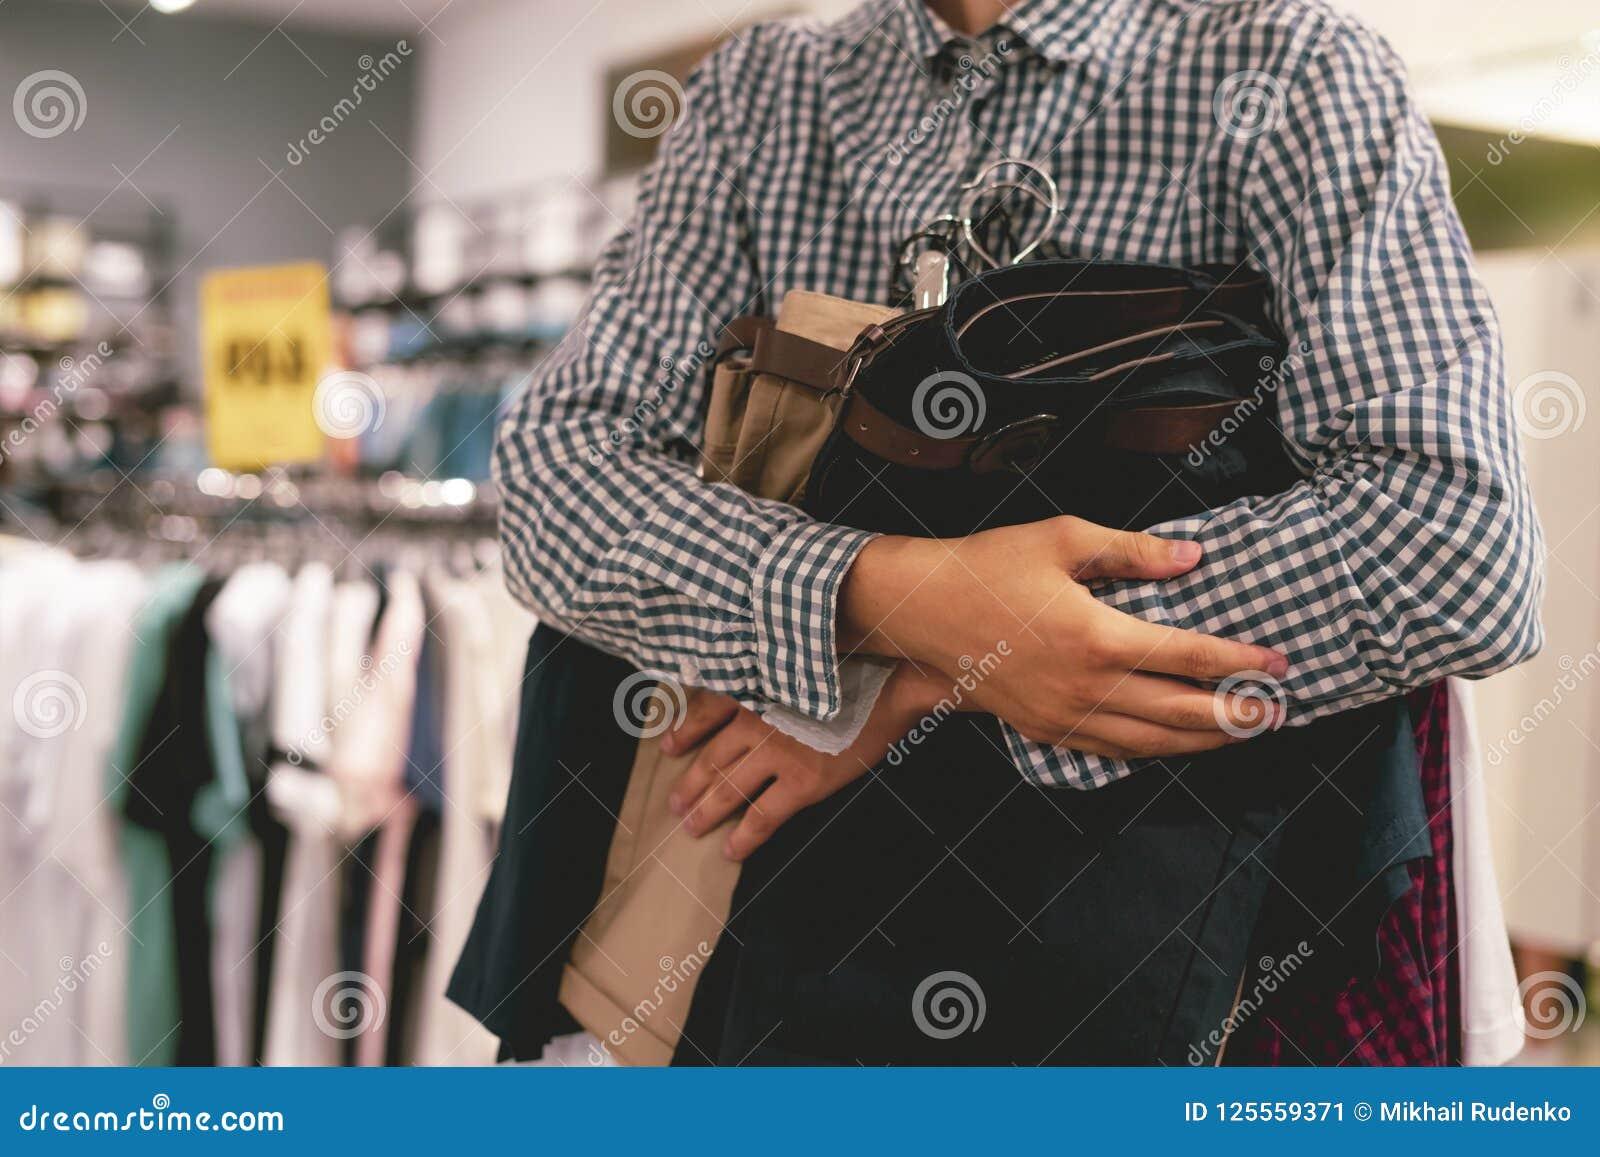 Schließen Sie herauf die Hand, die Bündel neue Kleidung hält, um im Speicher, ein Einkaufsverkaufskonzept zu kaufen